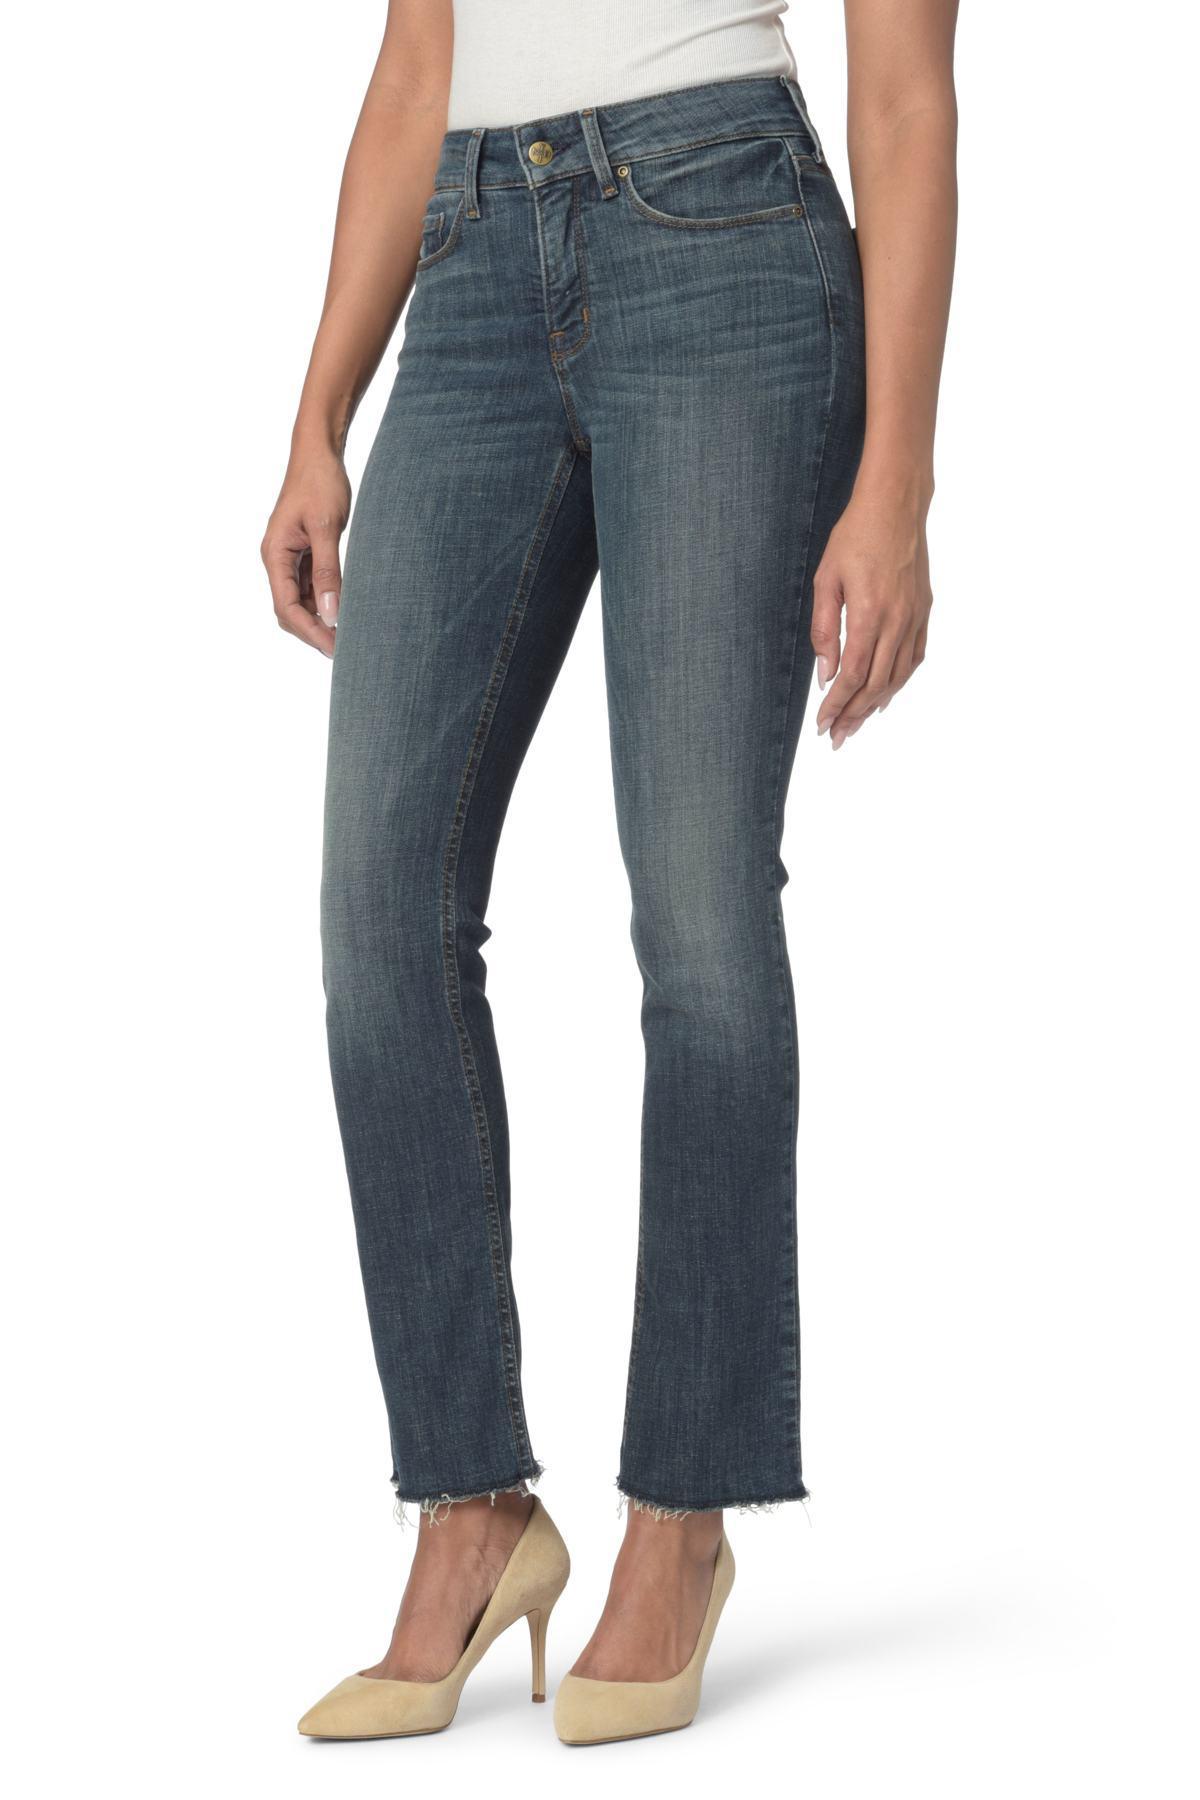 604c619a774 Lyst - NYDJ Marilyn Raw Hem Stretch Ankle Straight Leg Jeans in Blue ...